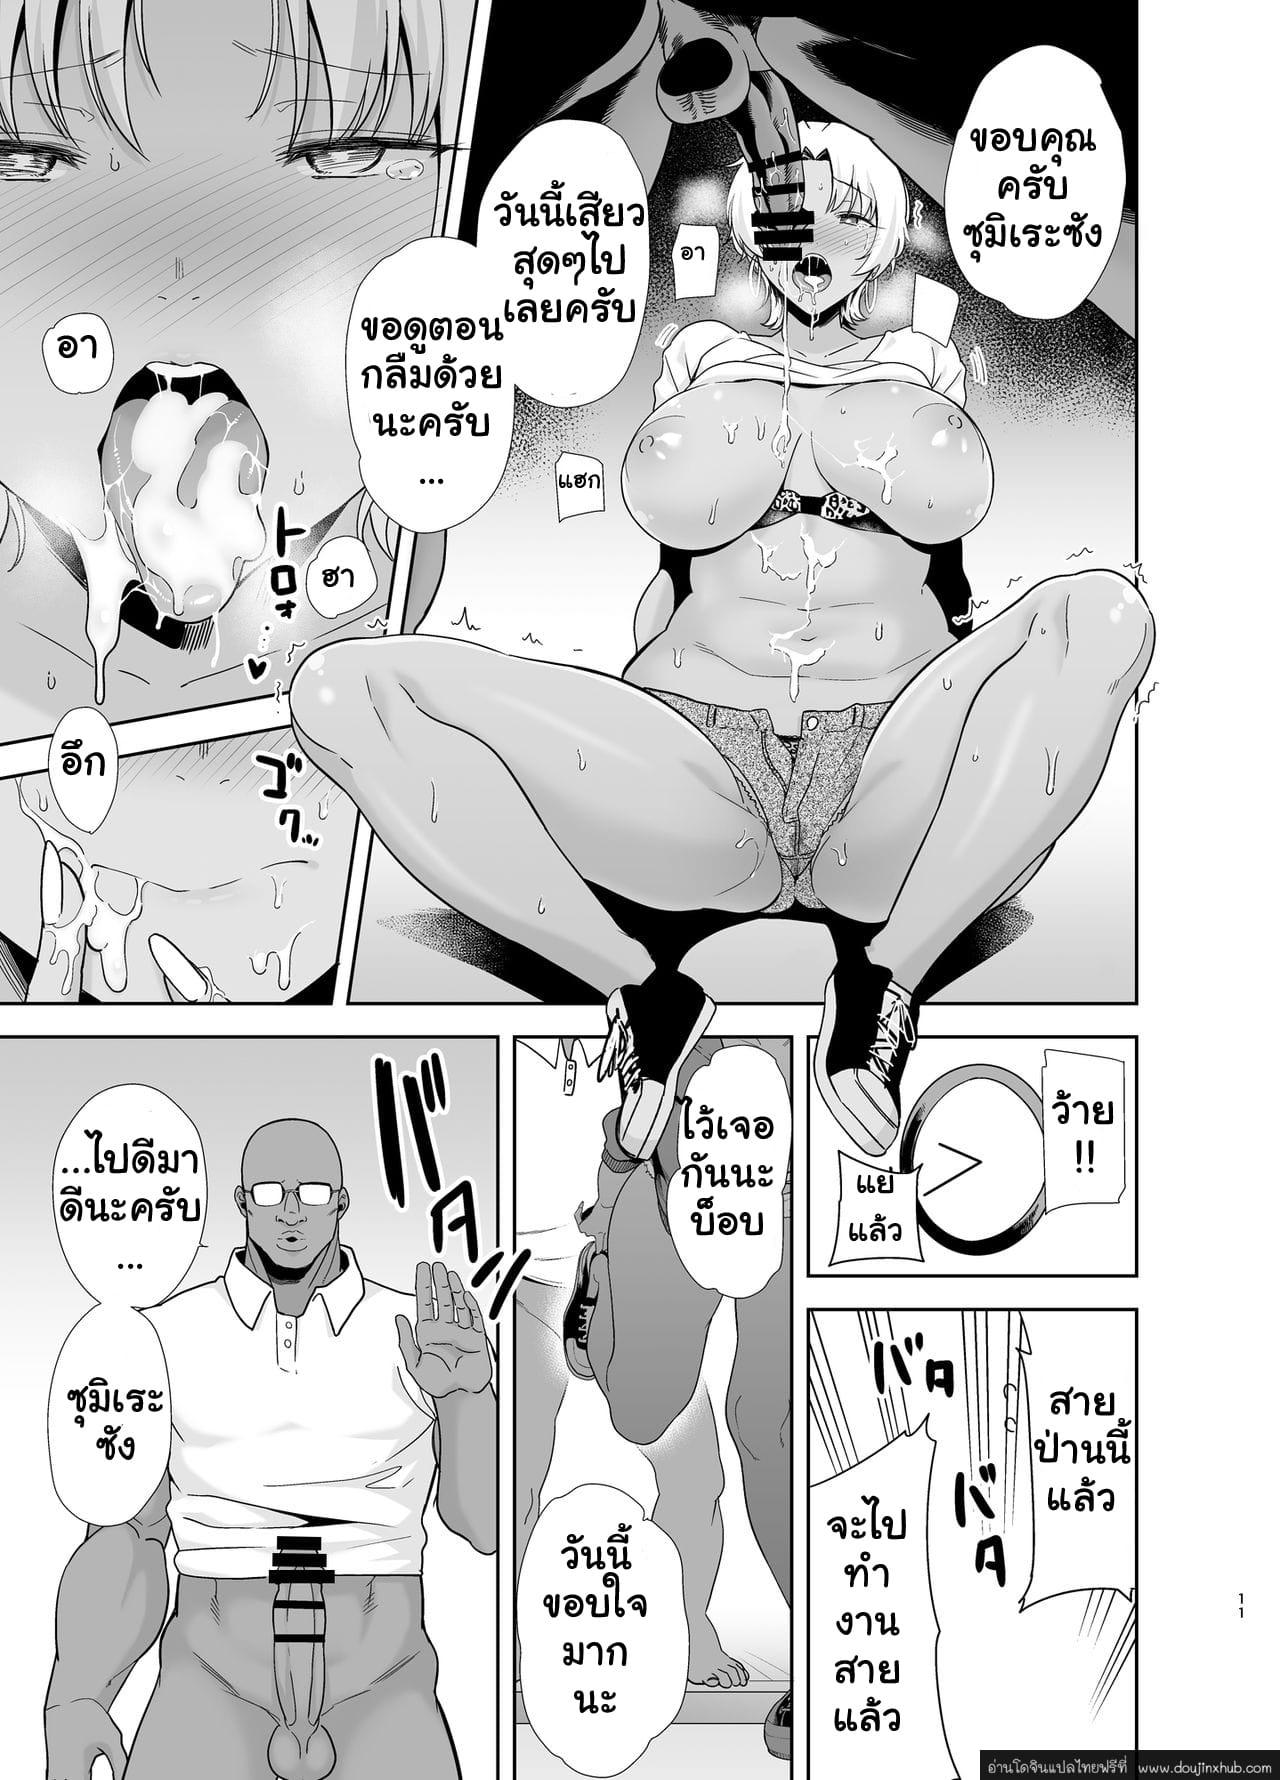 วิถีแห่งไวลด์ วิธีการขโมยเมียคนญี่ปุ่น ภาค 2-10